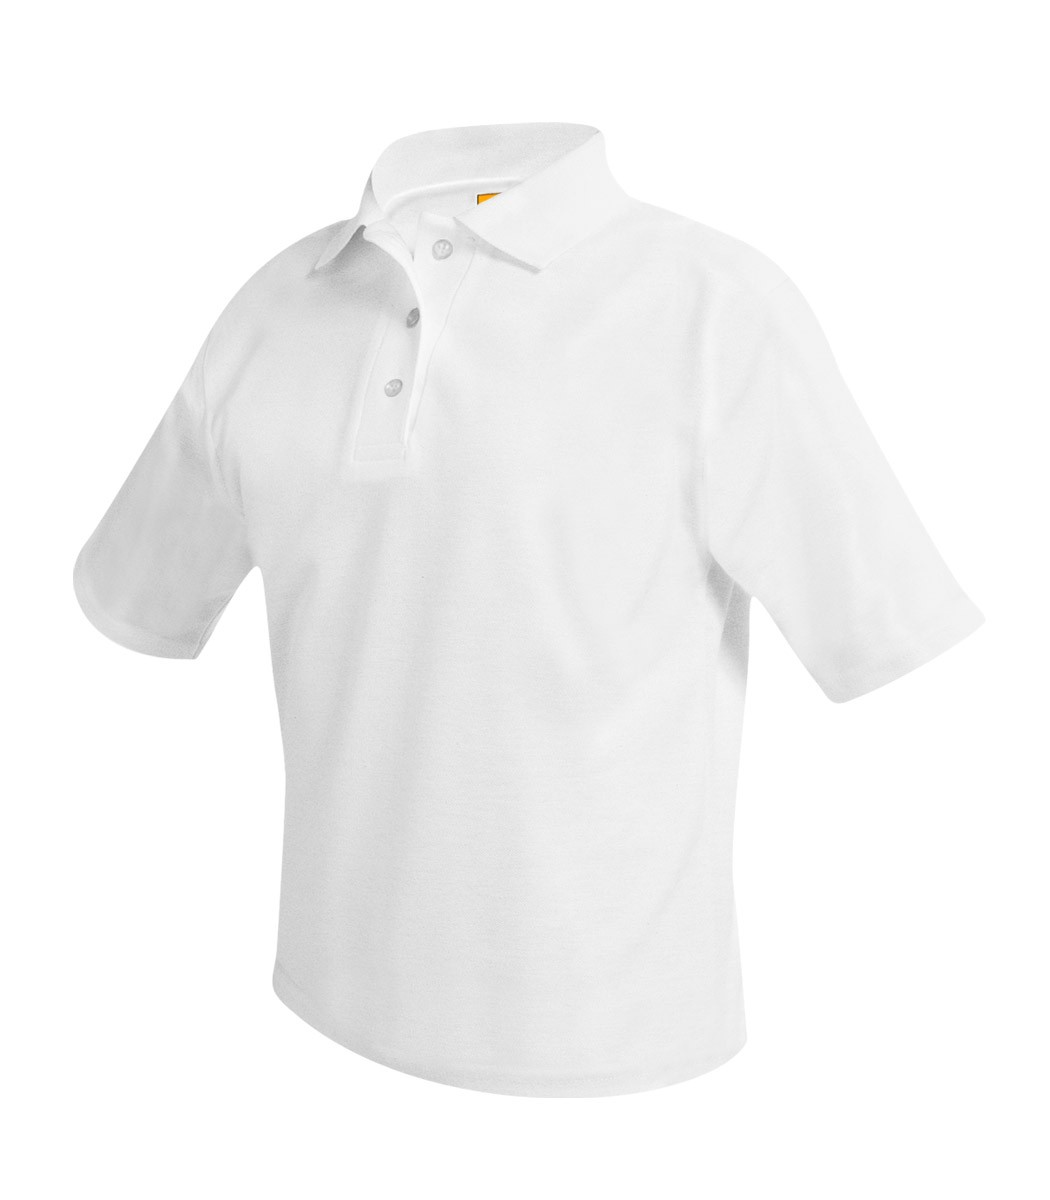 SJB White S/S Polo w/ Logo